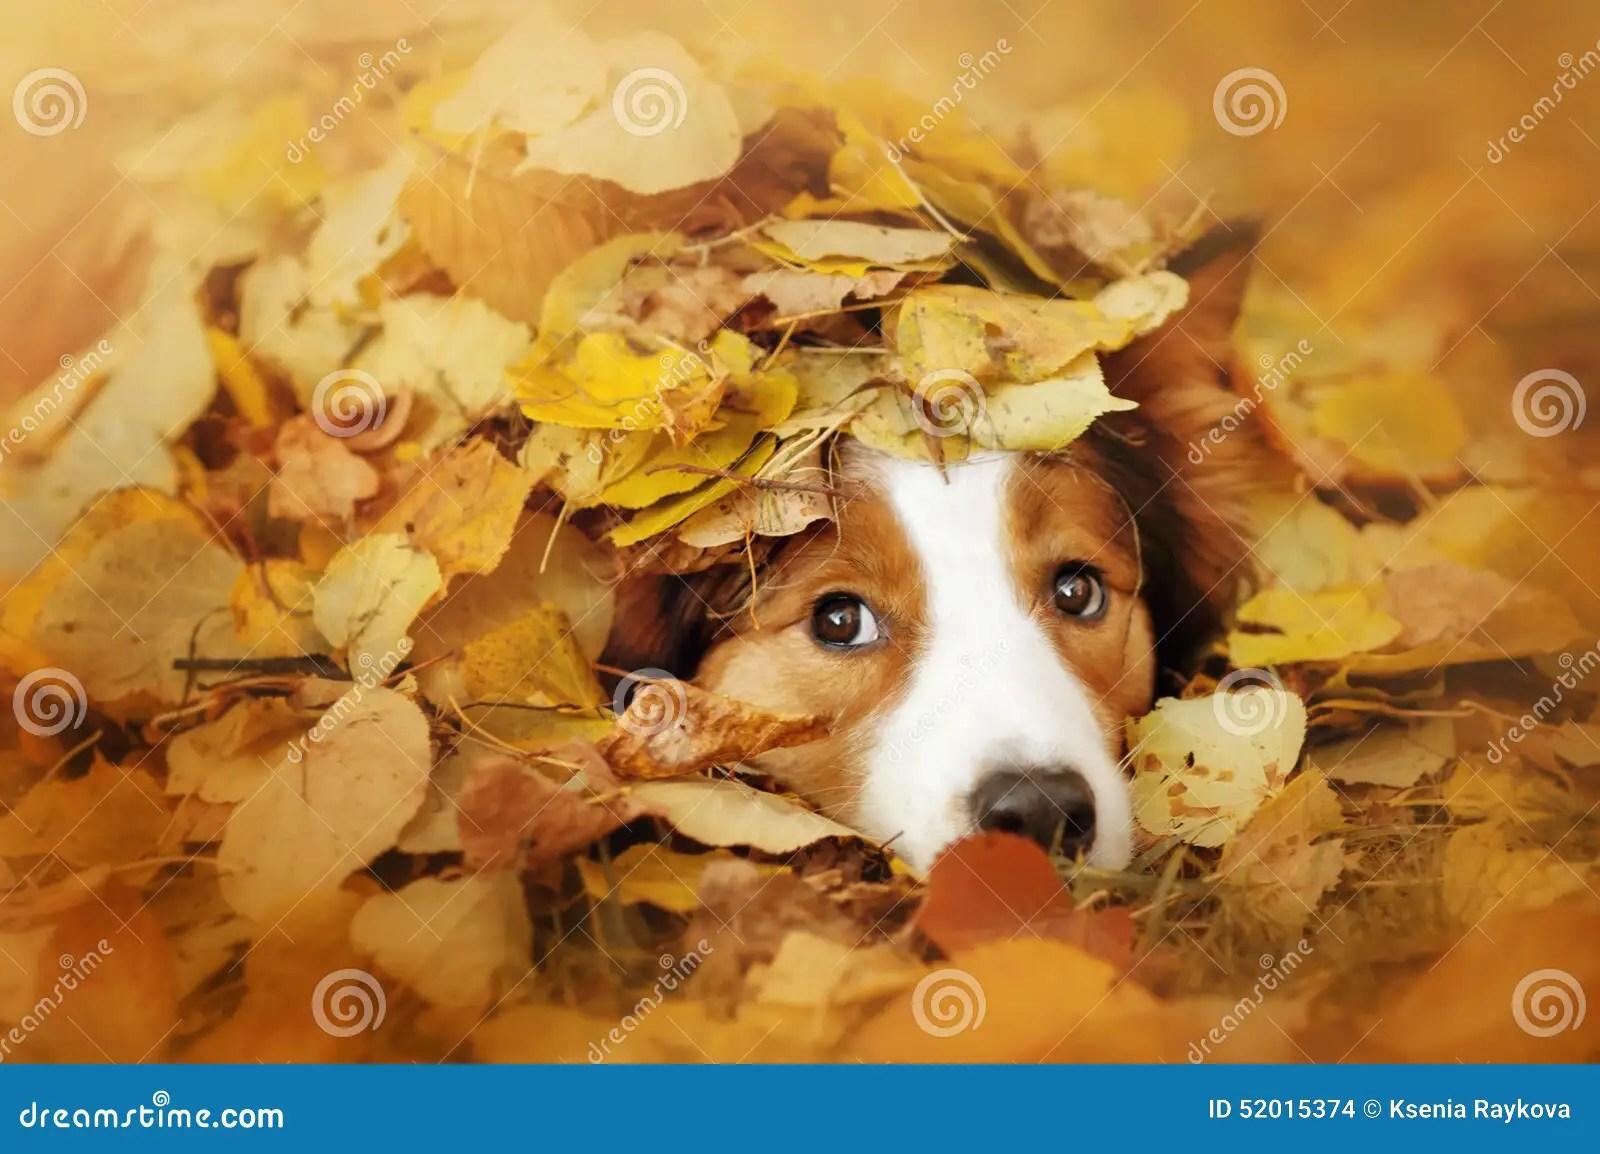 Puppies In Fall Wallpaper Het Jonge Border Collie Hond Spelen Met Bladeren In De